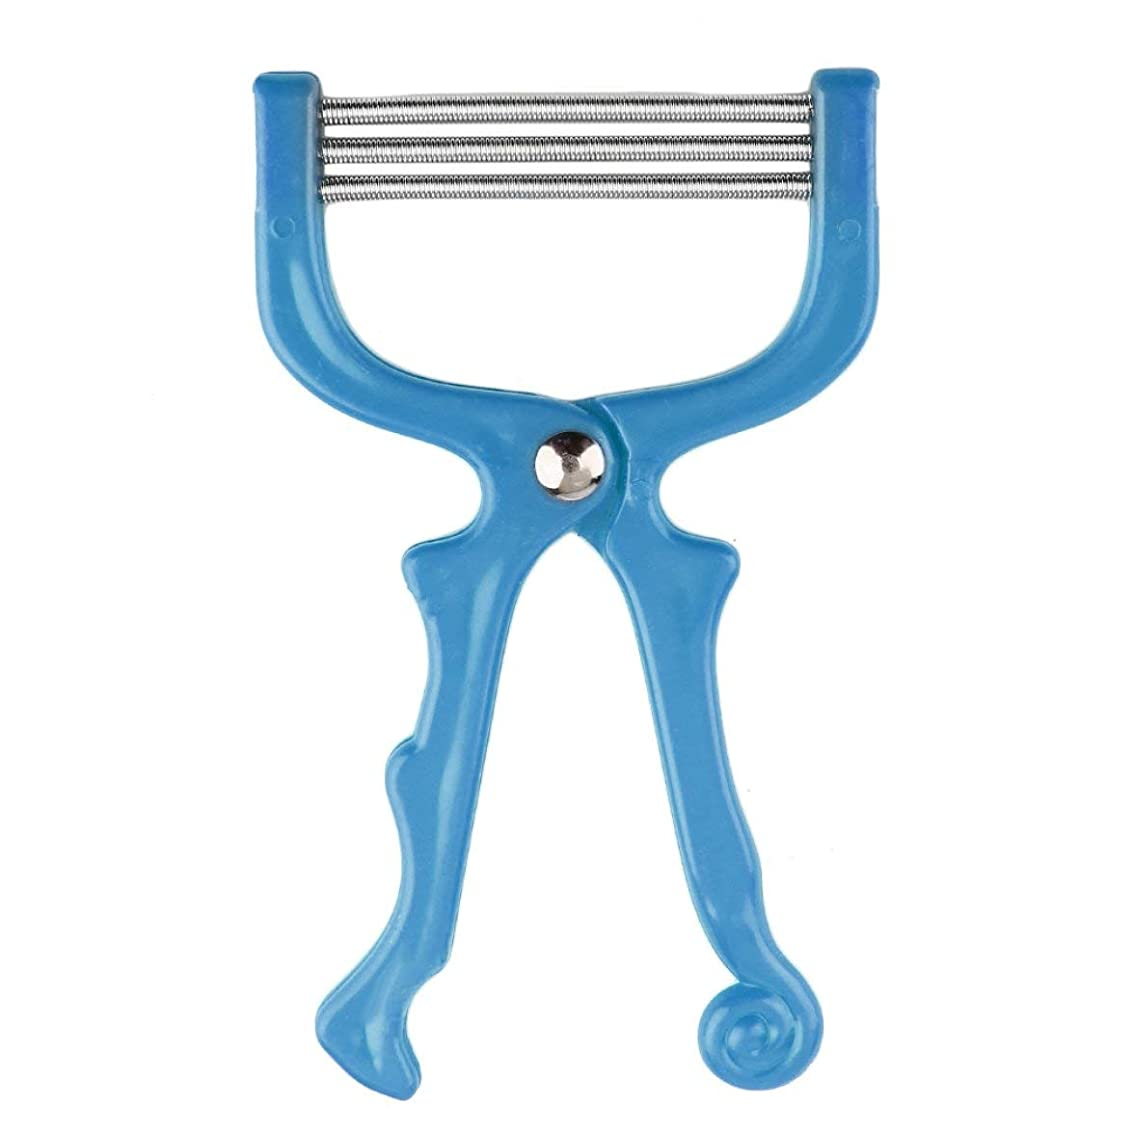 指導する畝間優先権Intercorey安全なハンドヘルドスプリングローラー女性の顔の顔の毛の除去脱毛器美容器脱毛器エピローラーフェイスケアマッサージャー